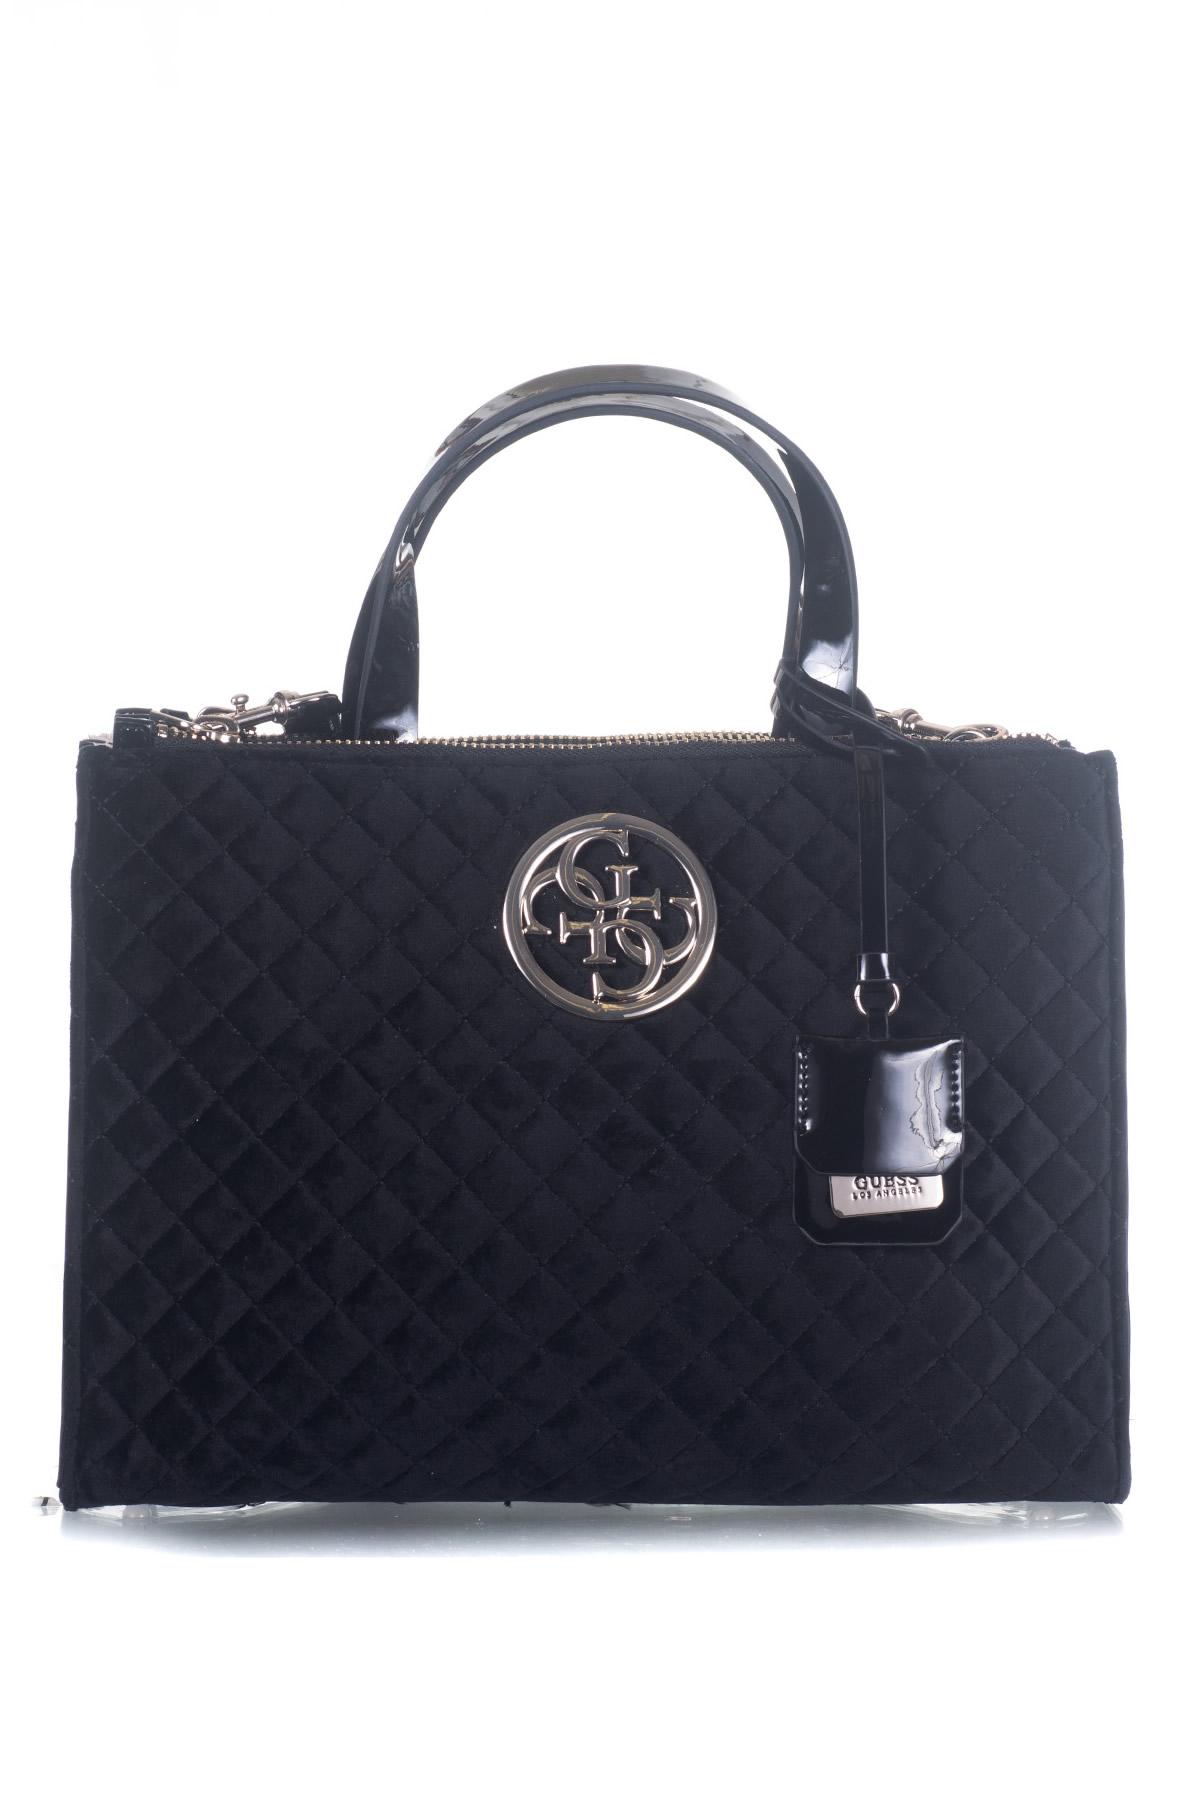 1bf2f22e6f9d Lux handbag - Guess - ScaglioneIschia